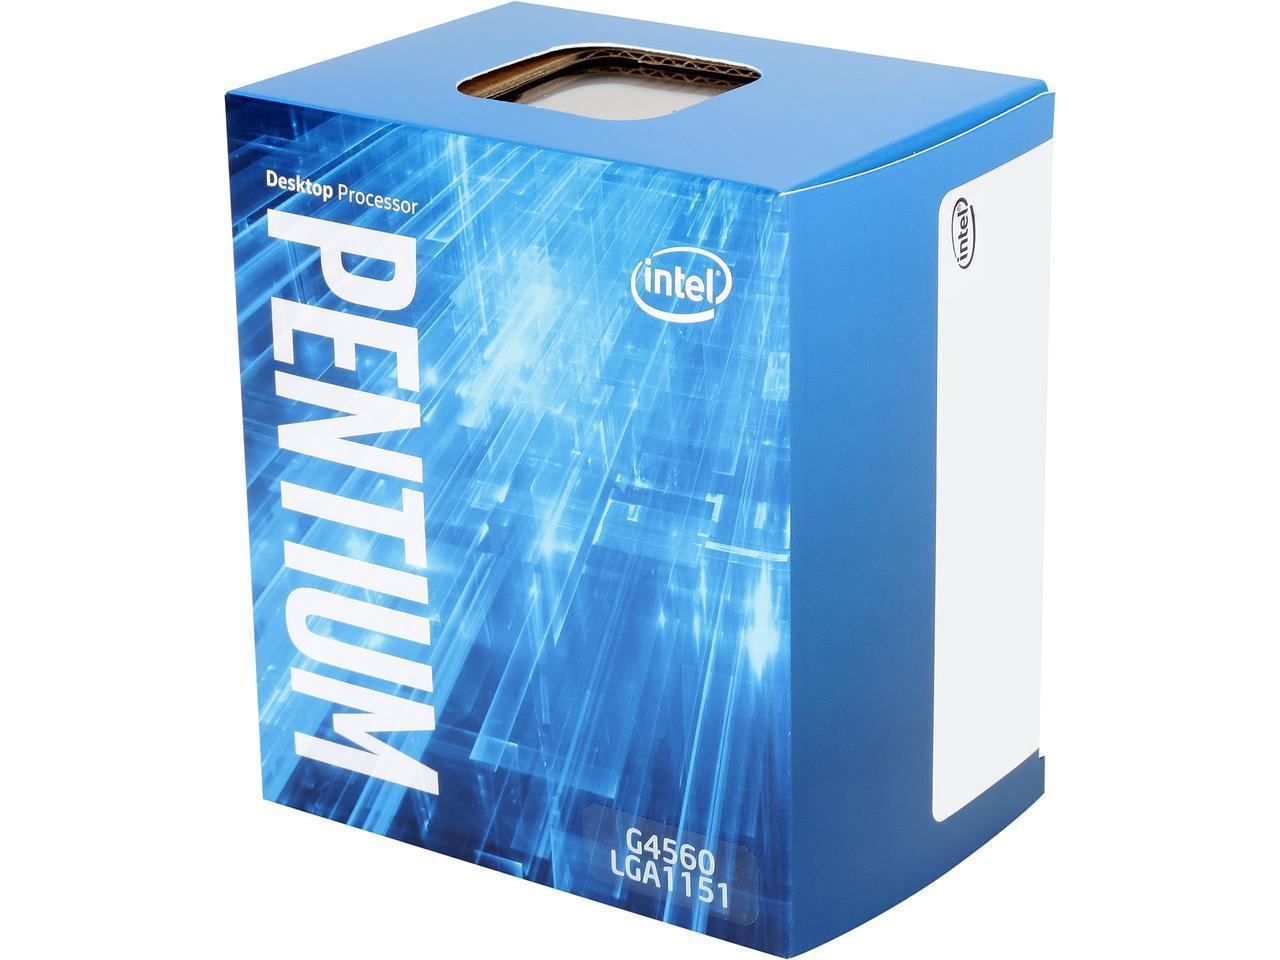 Pentium G4620